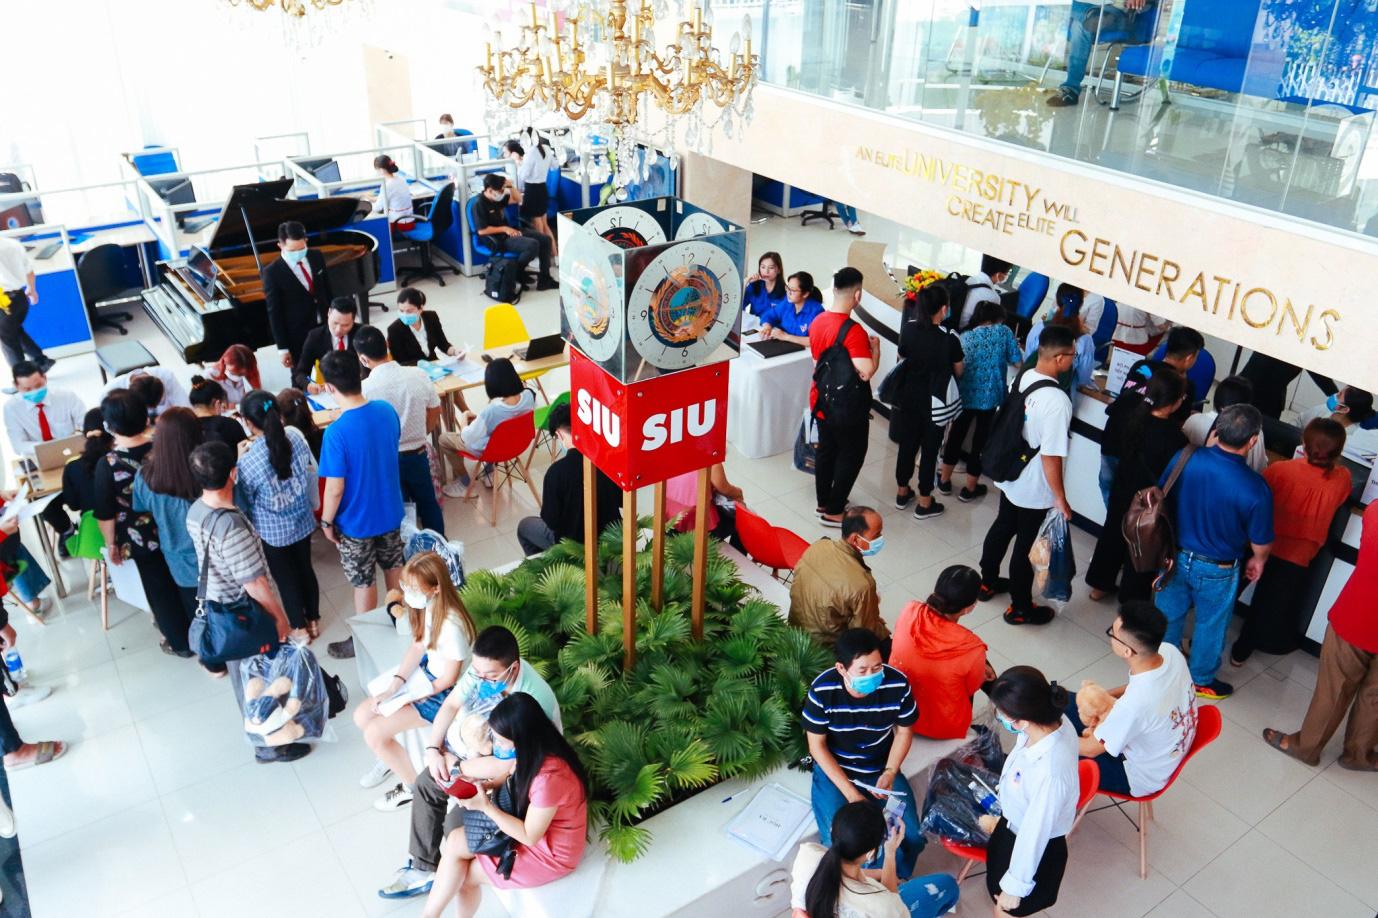 Đại học Quốc tế Sài Gòn nhận hồ sơ xét tuyển học bạ từ 1/3 - Ảnh 1.